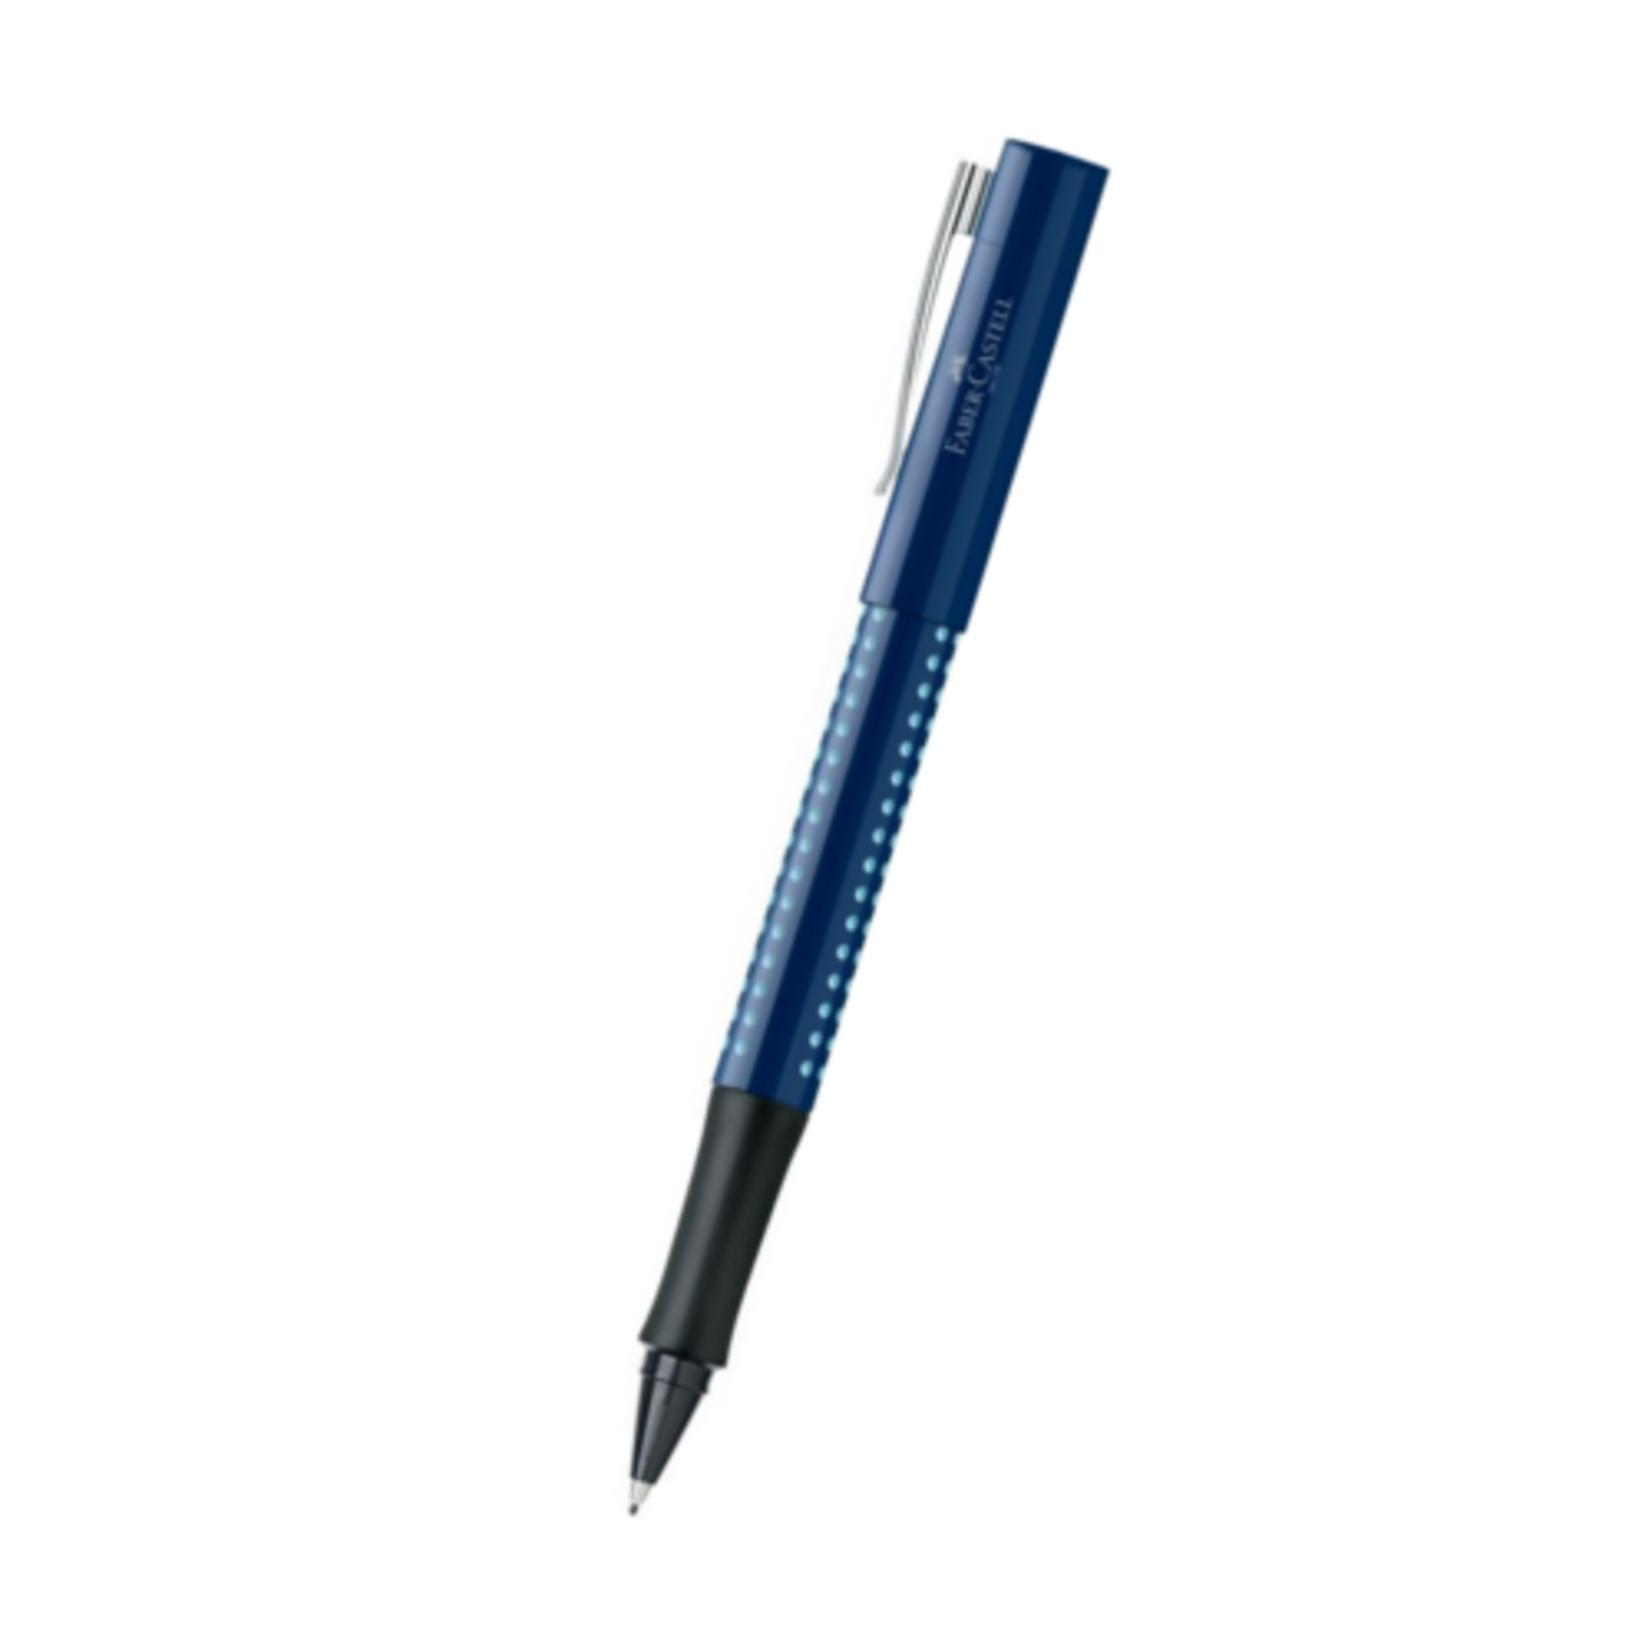 Faber-Castell Grip Fine Writer blau-hellblau